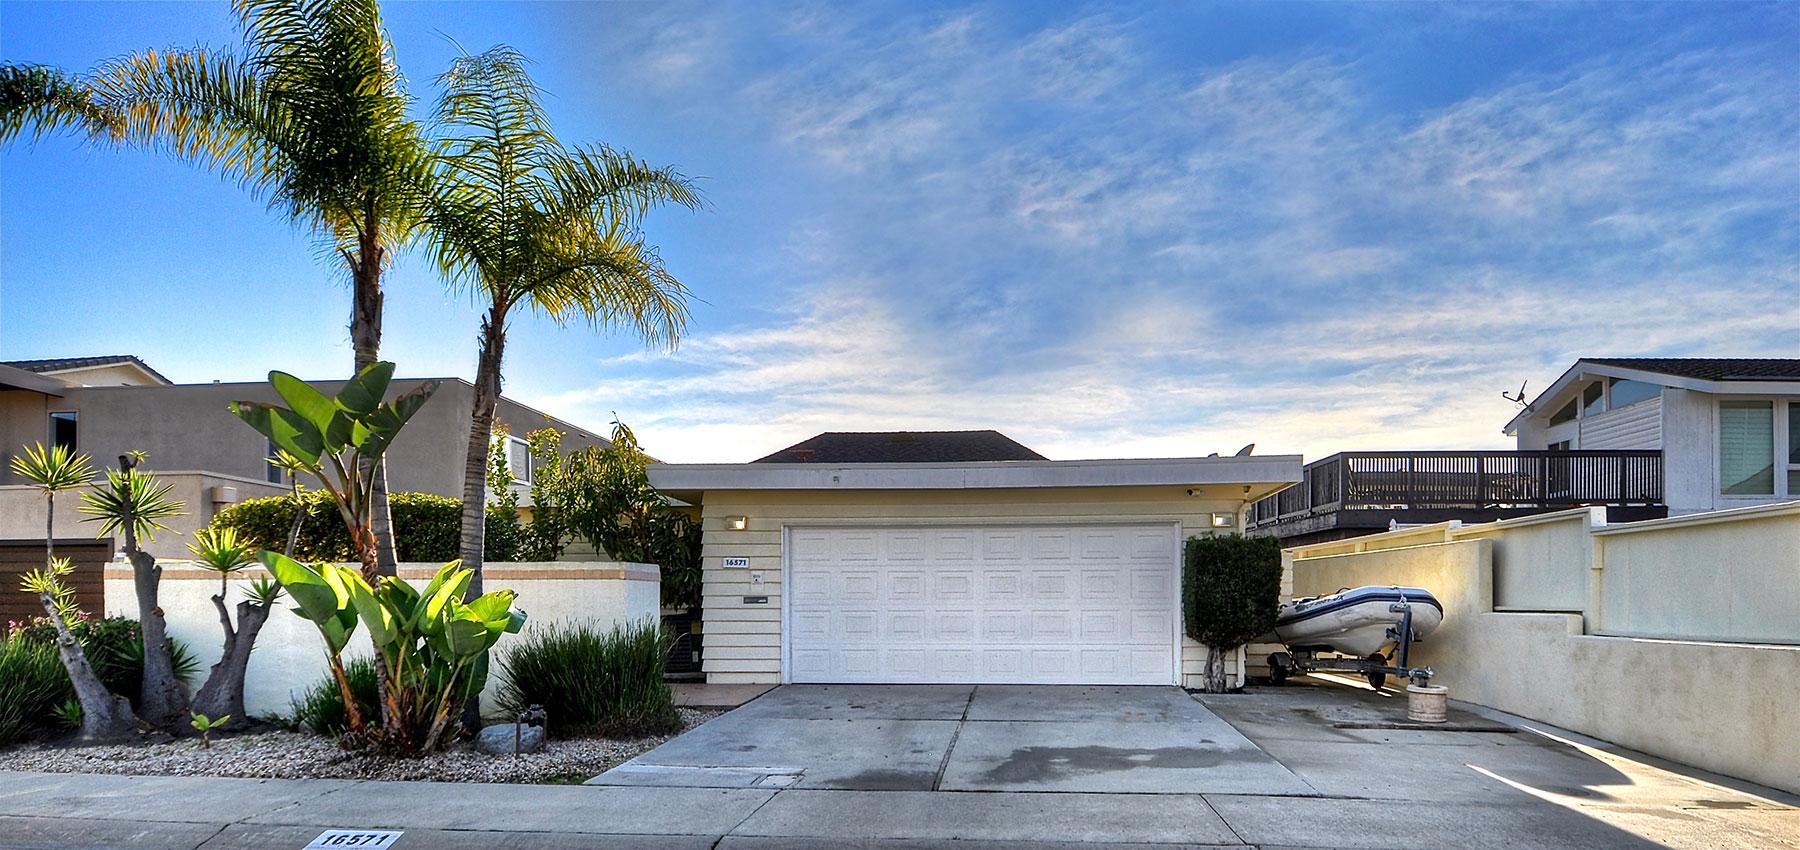 独户住宅 为 销售 在 16571 Ensign 杭廷顿海滩, 加利福尼亚州, 92649 美国